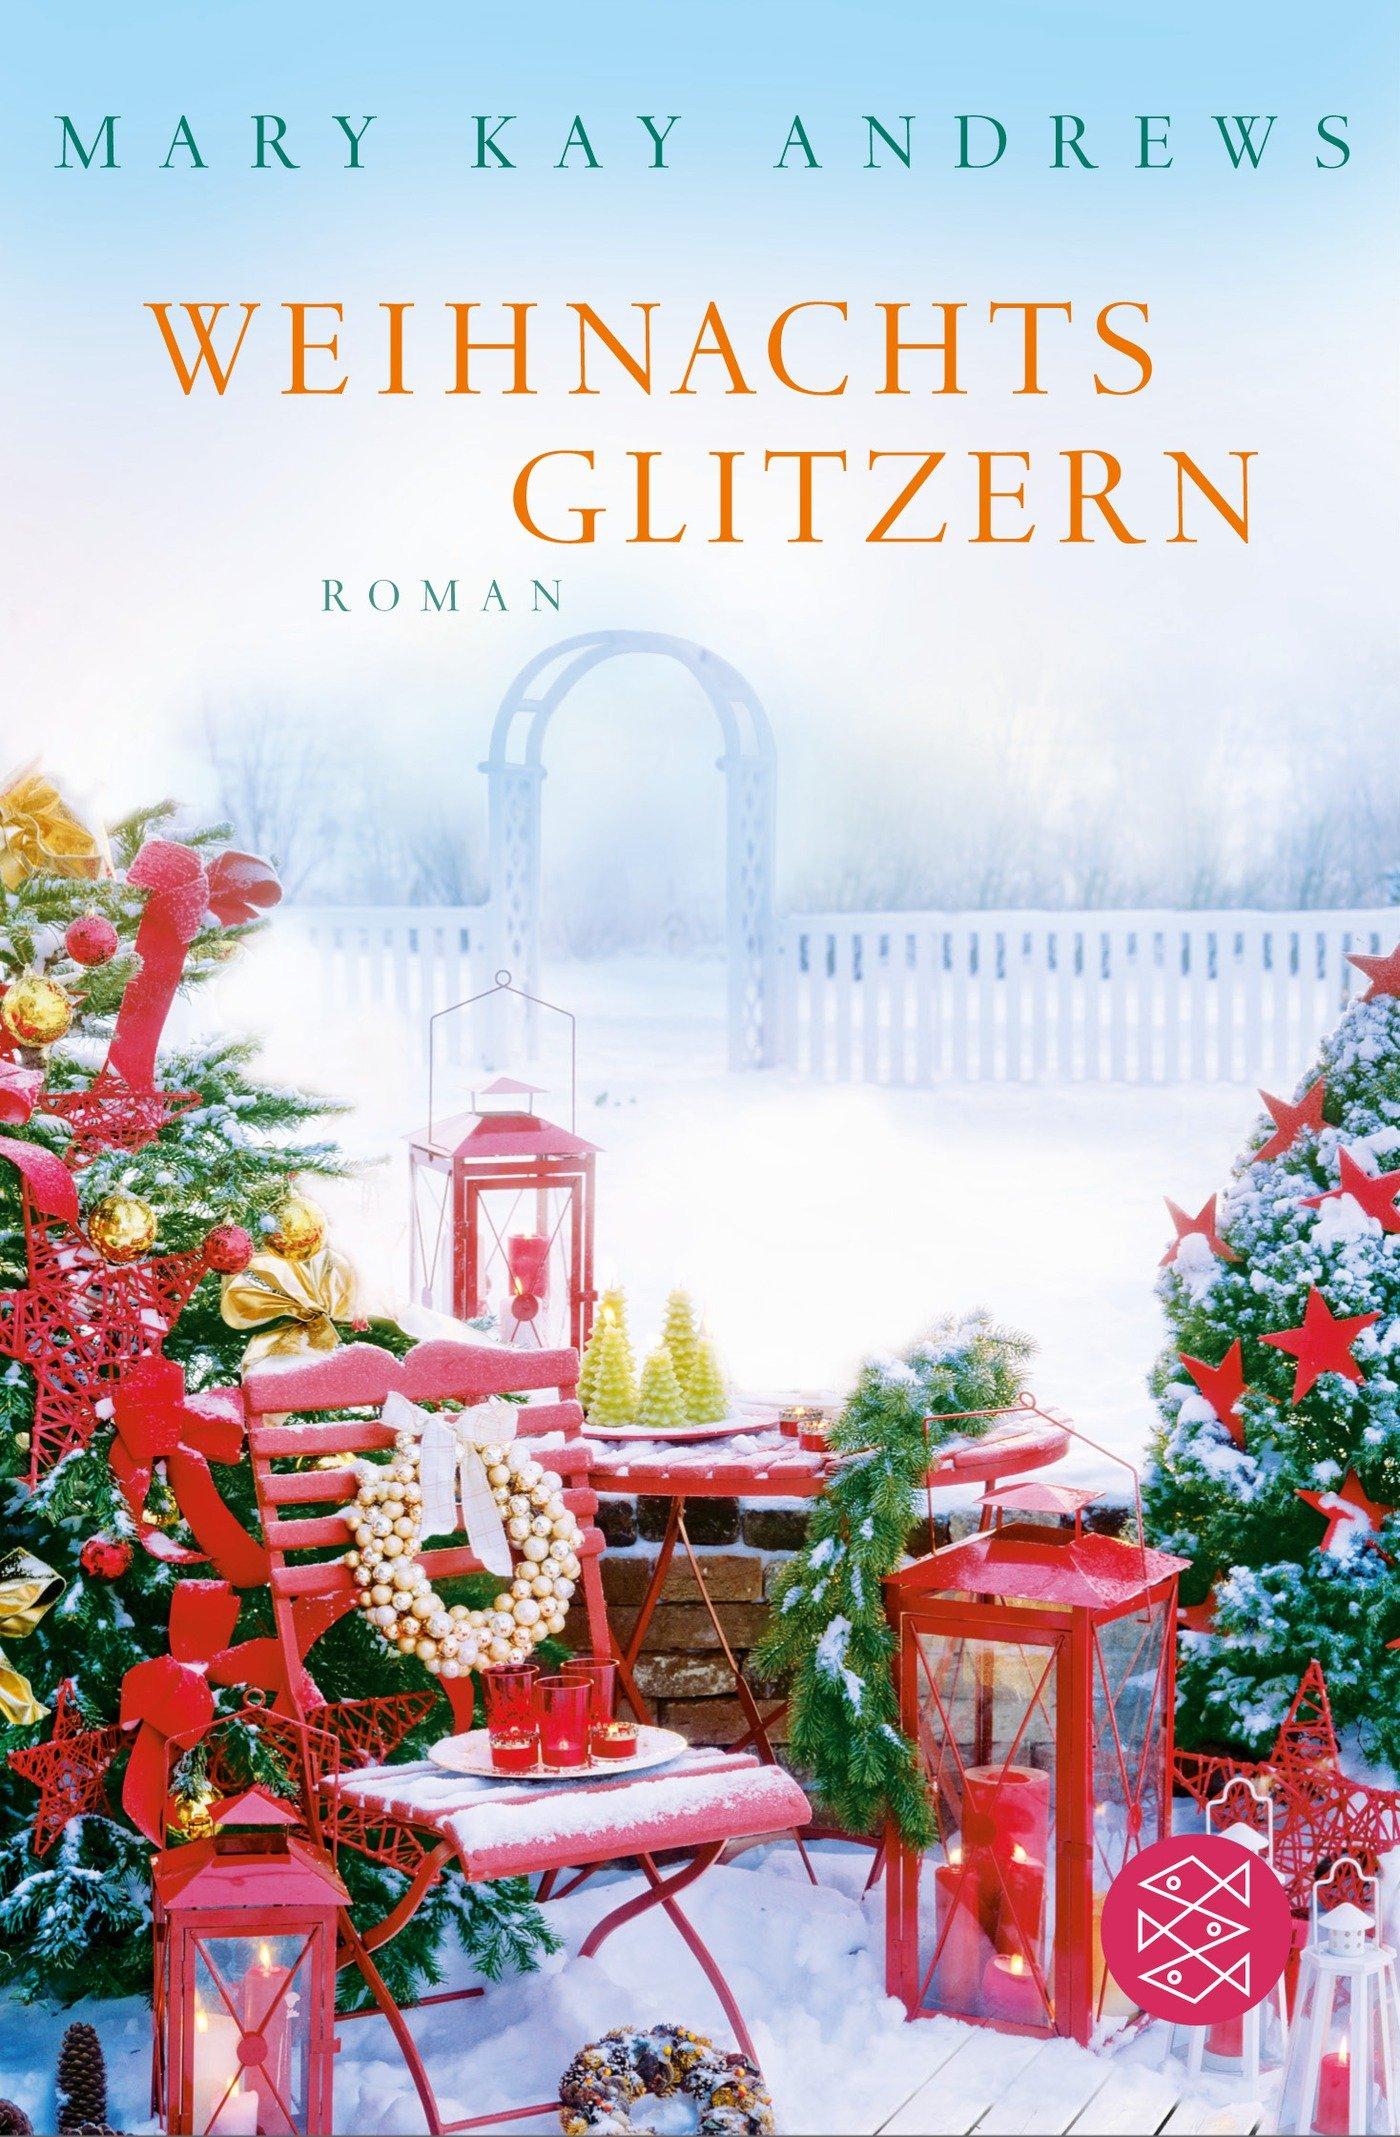 Weihnachtsglitzern: Roman